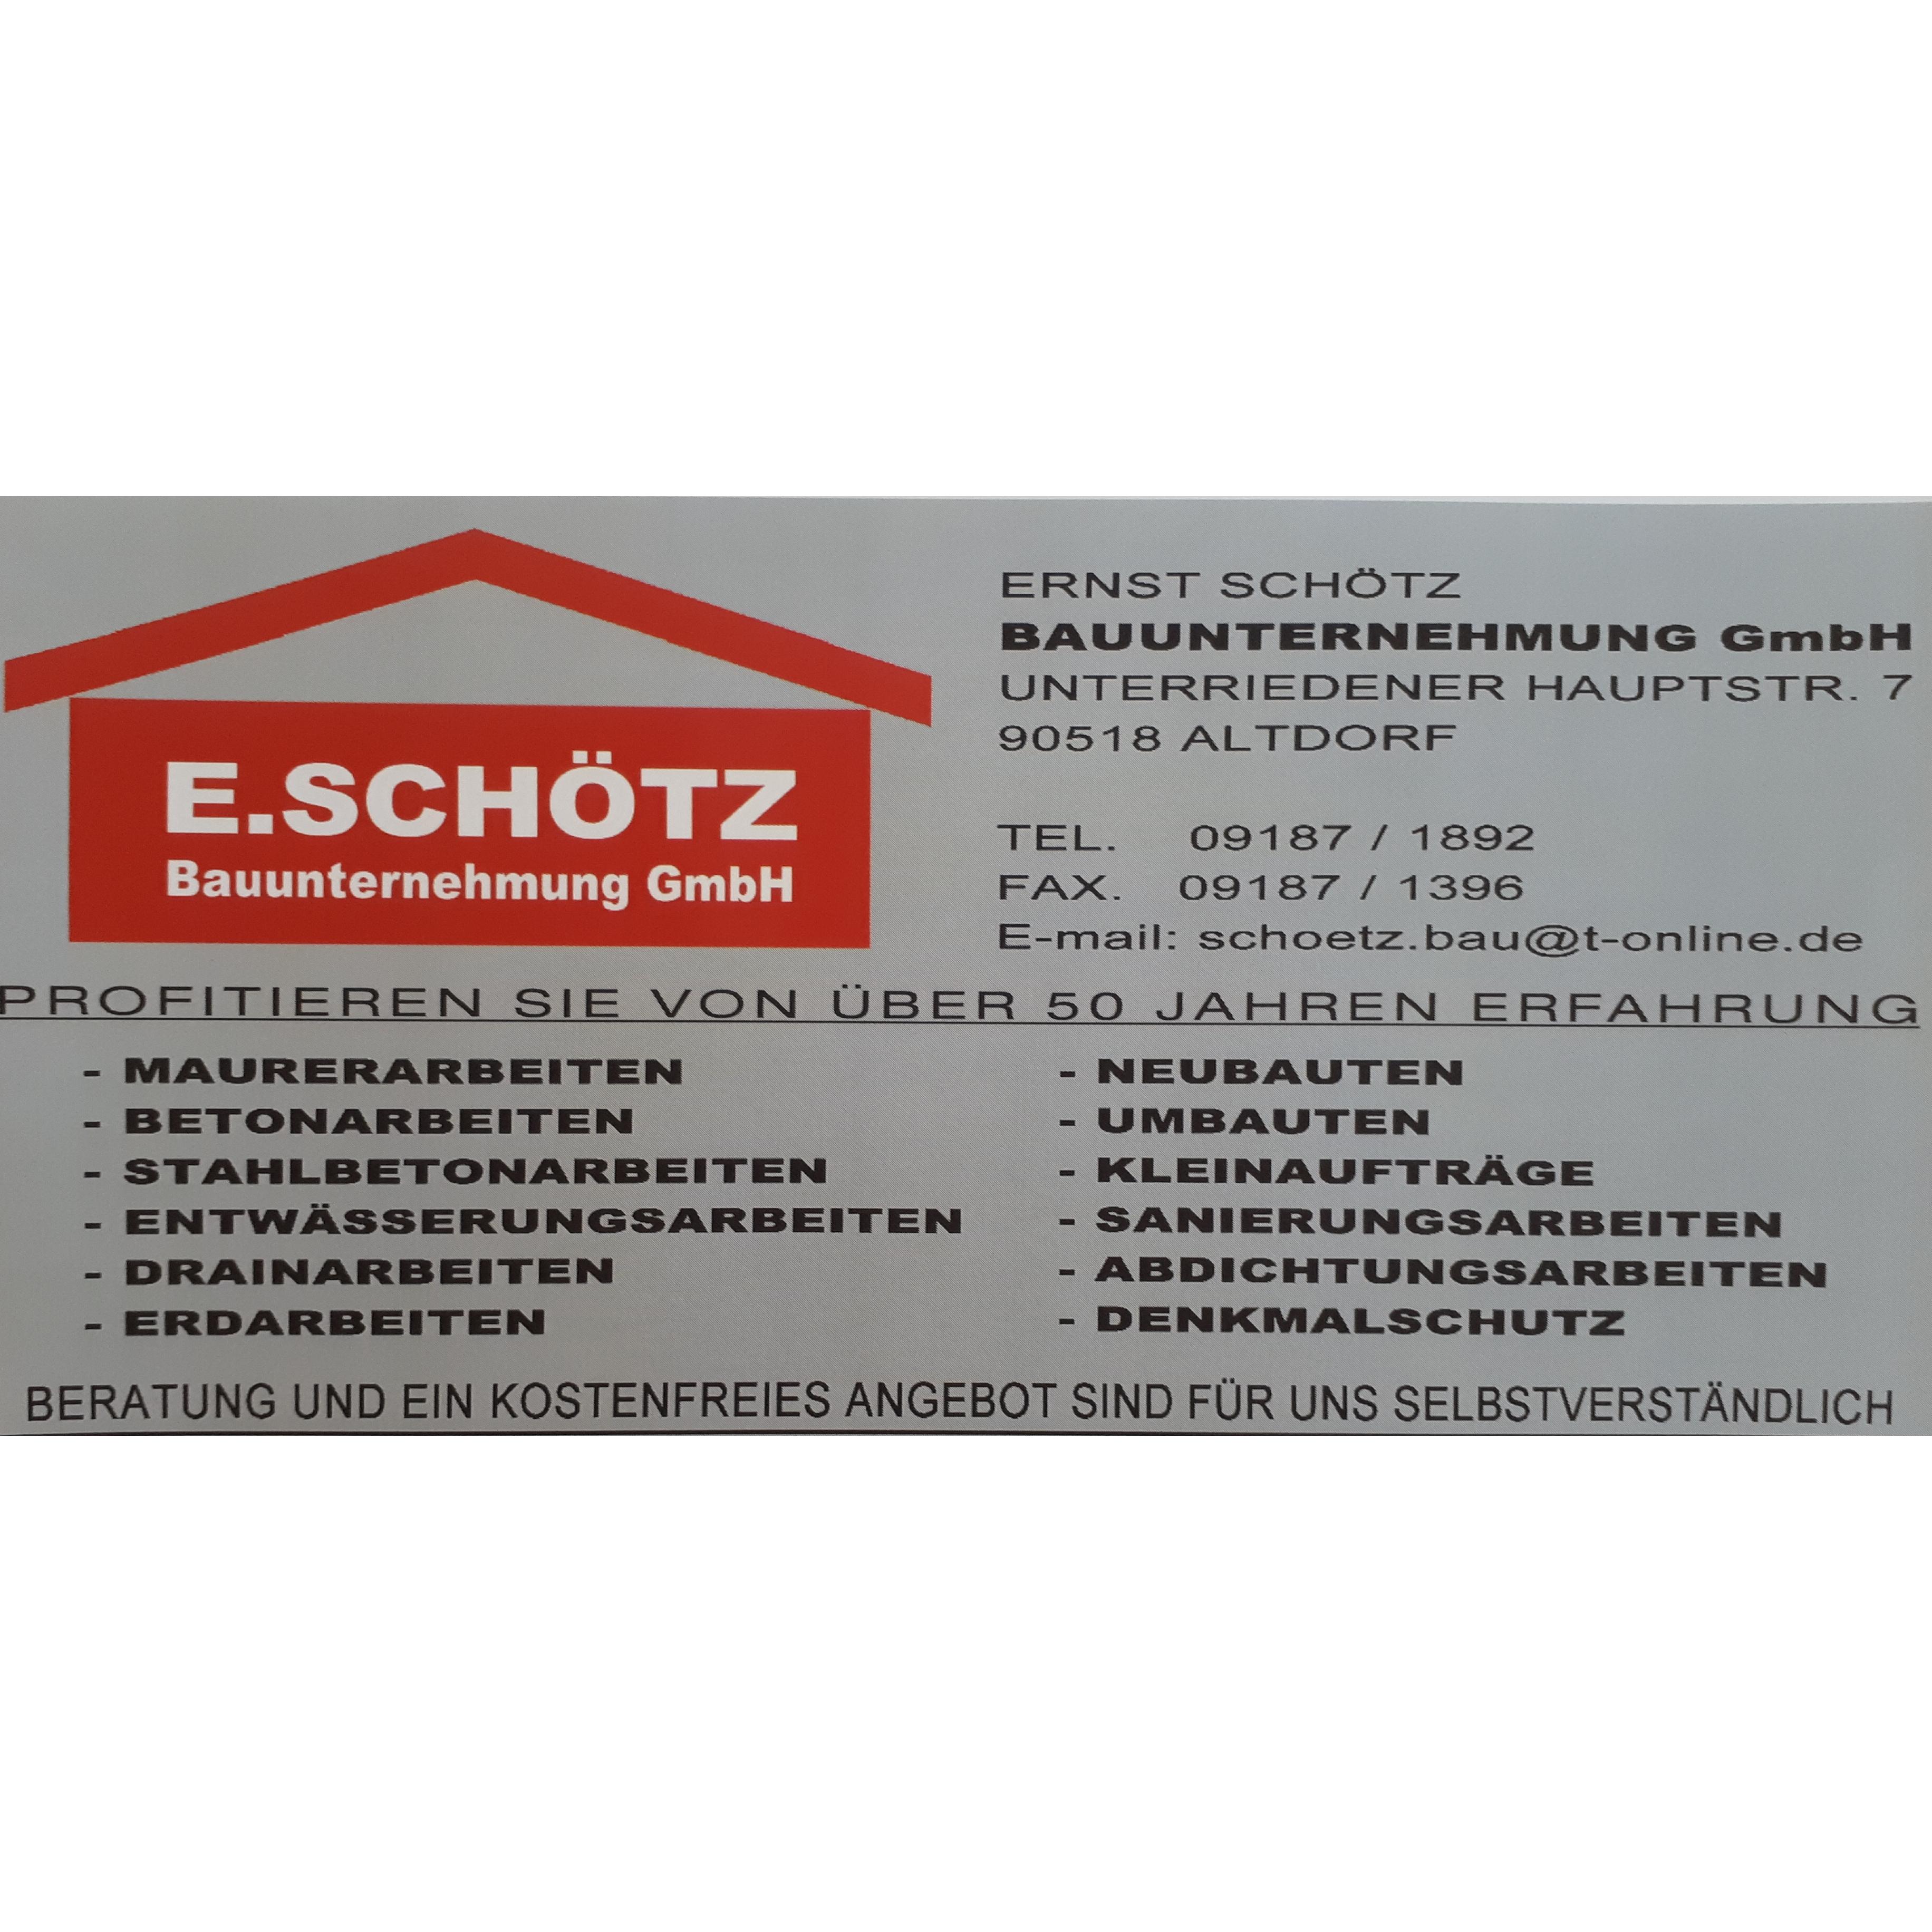 Bild zu Ernst Schötz Bauunternehmung GmbH in Altdorf bei Nürnberg